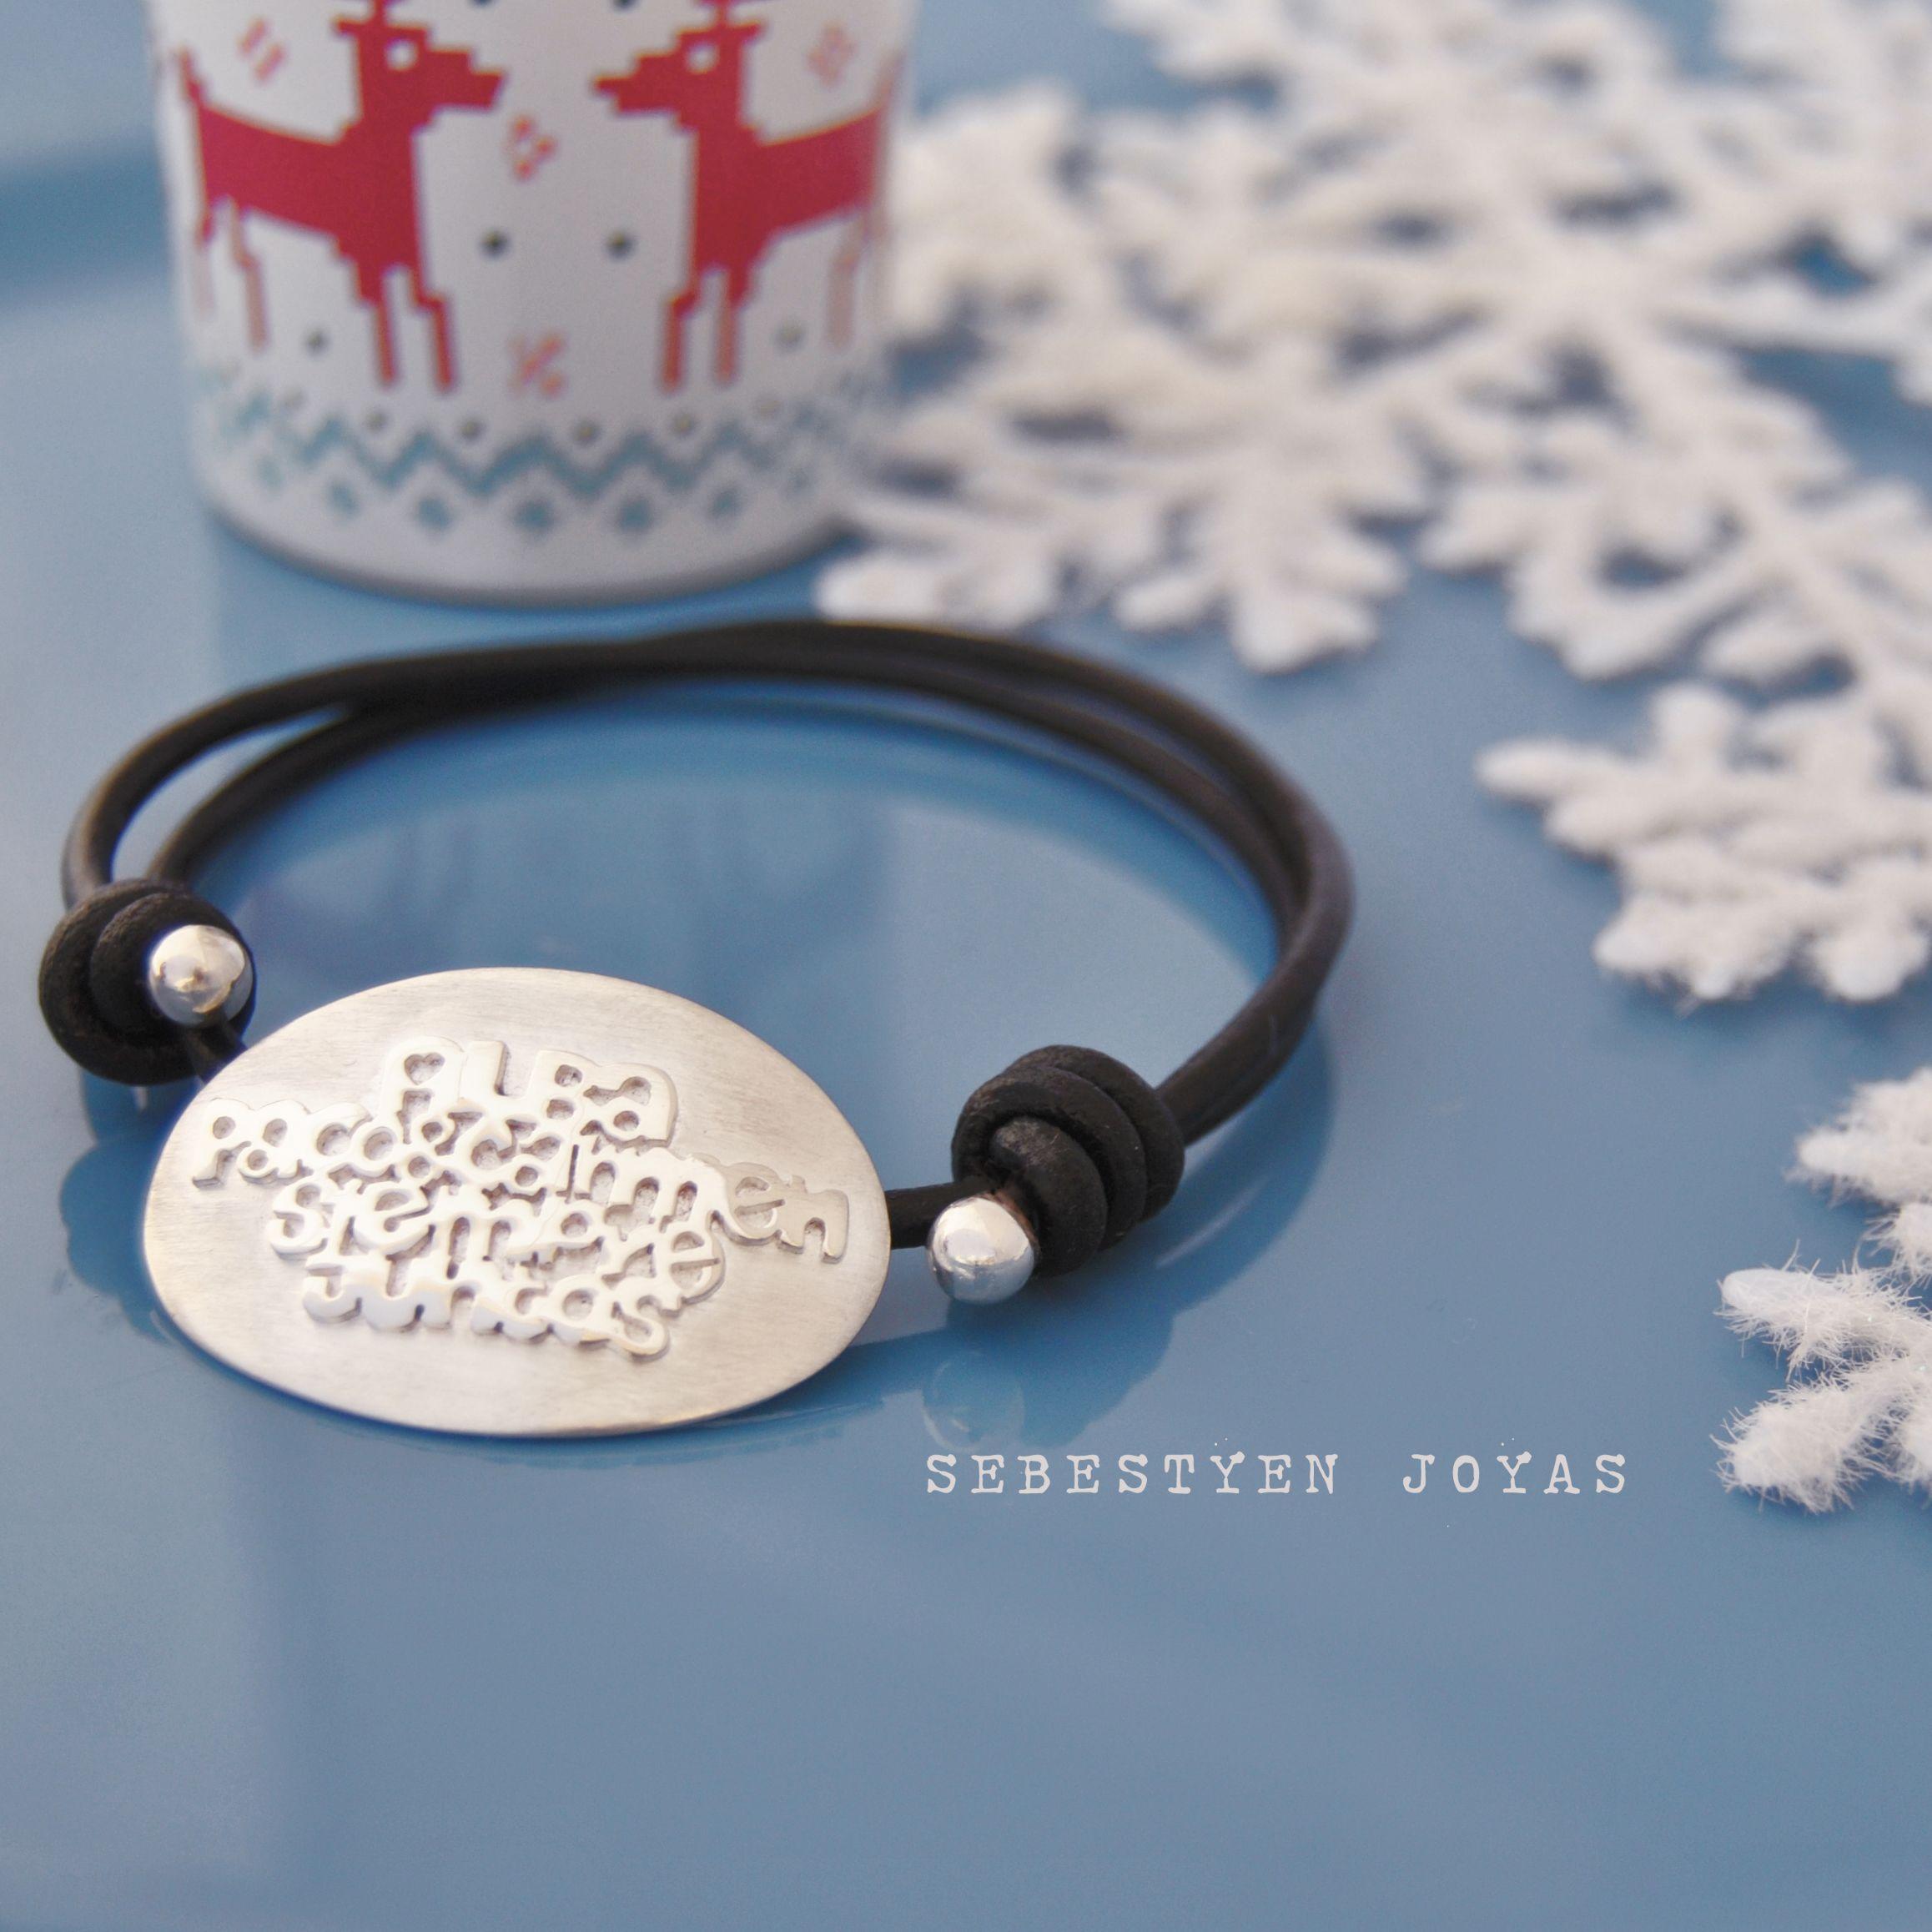 b5a2d6d9503f Pulseras con frases personalizadas en plata de ley matizada y cuero  español. Elaboradas a mano